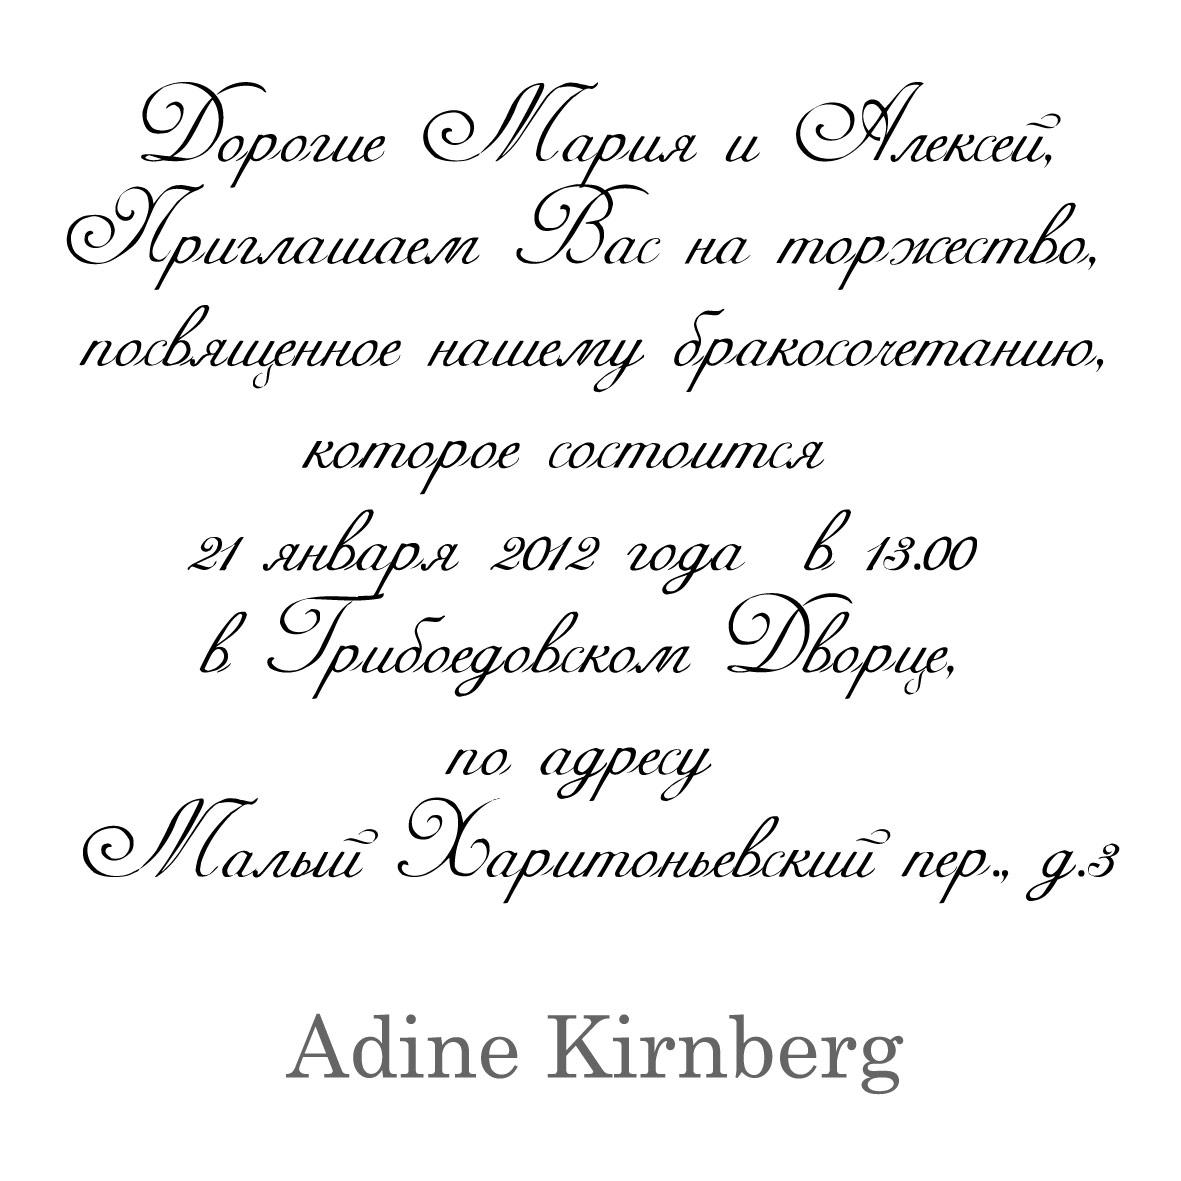 Картинки, шрифт для поздравления с днем рождения русские